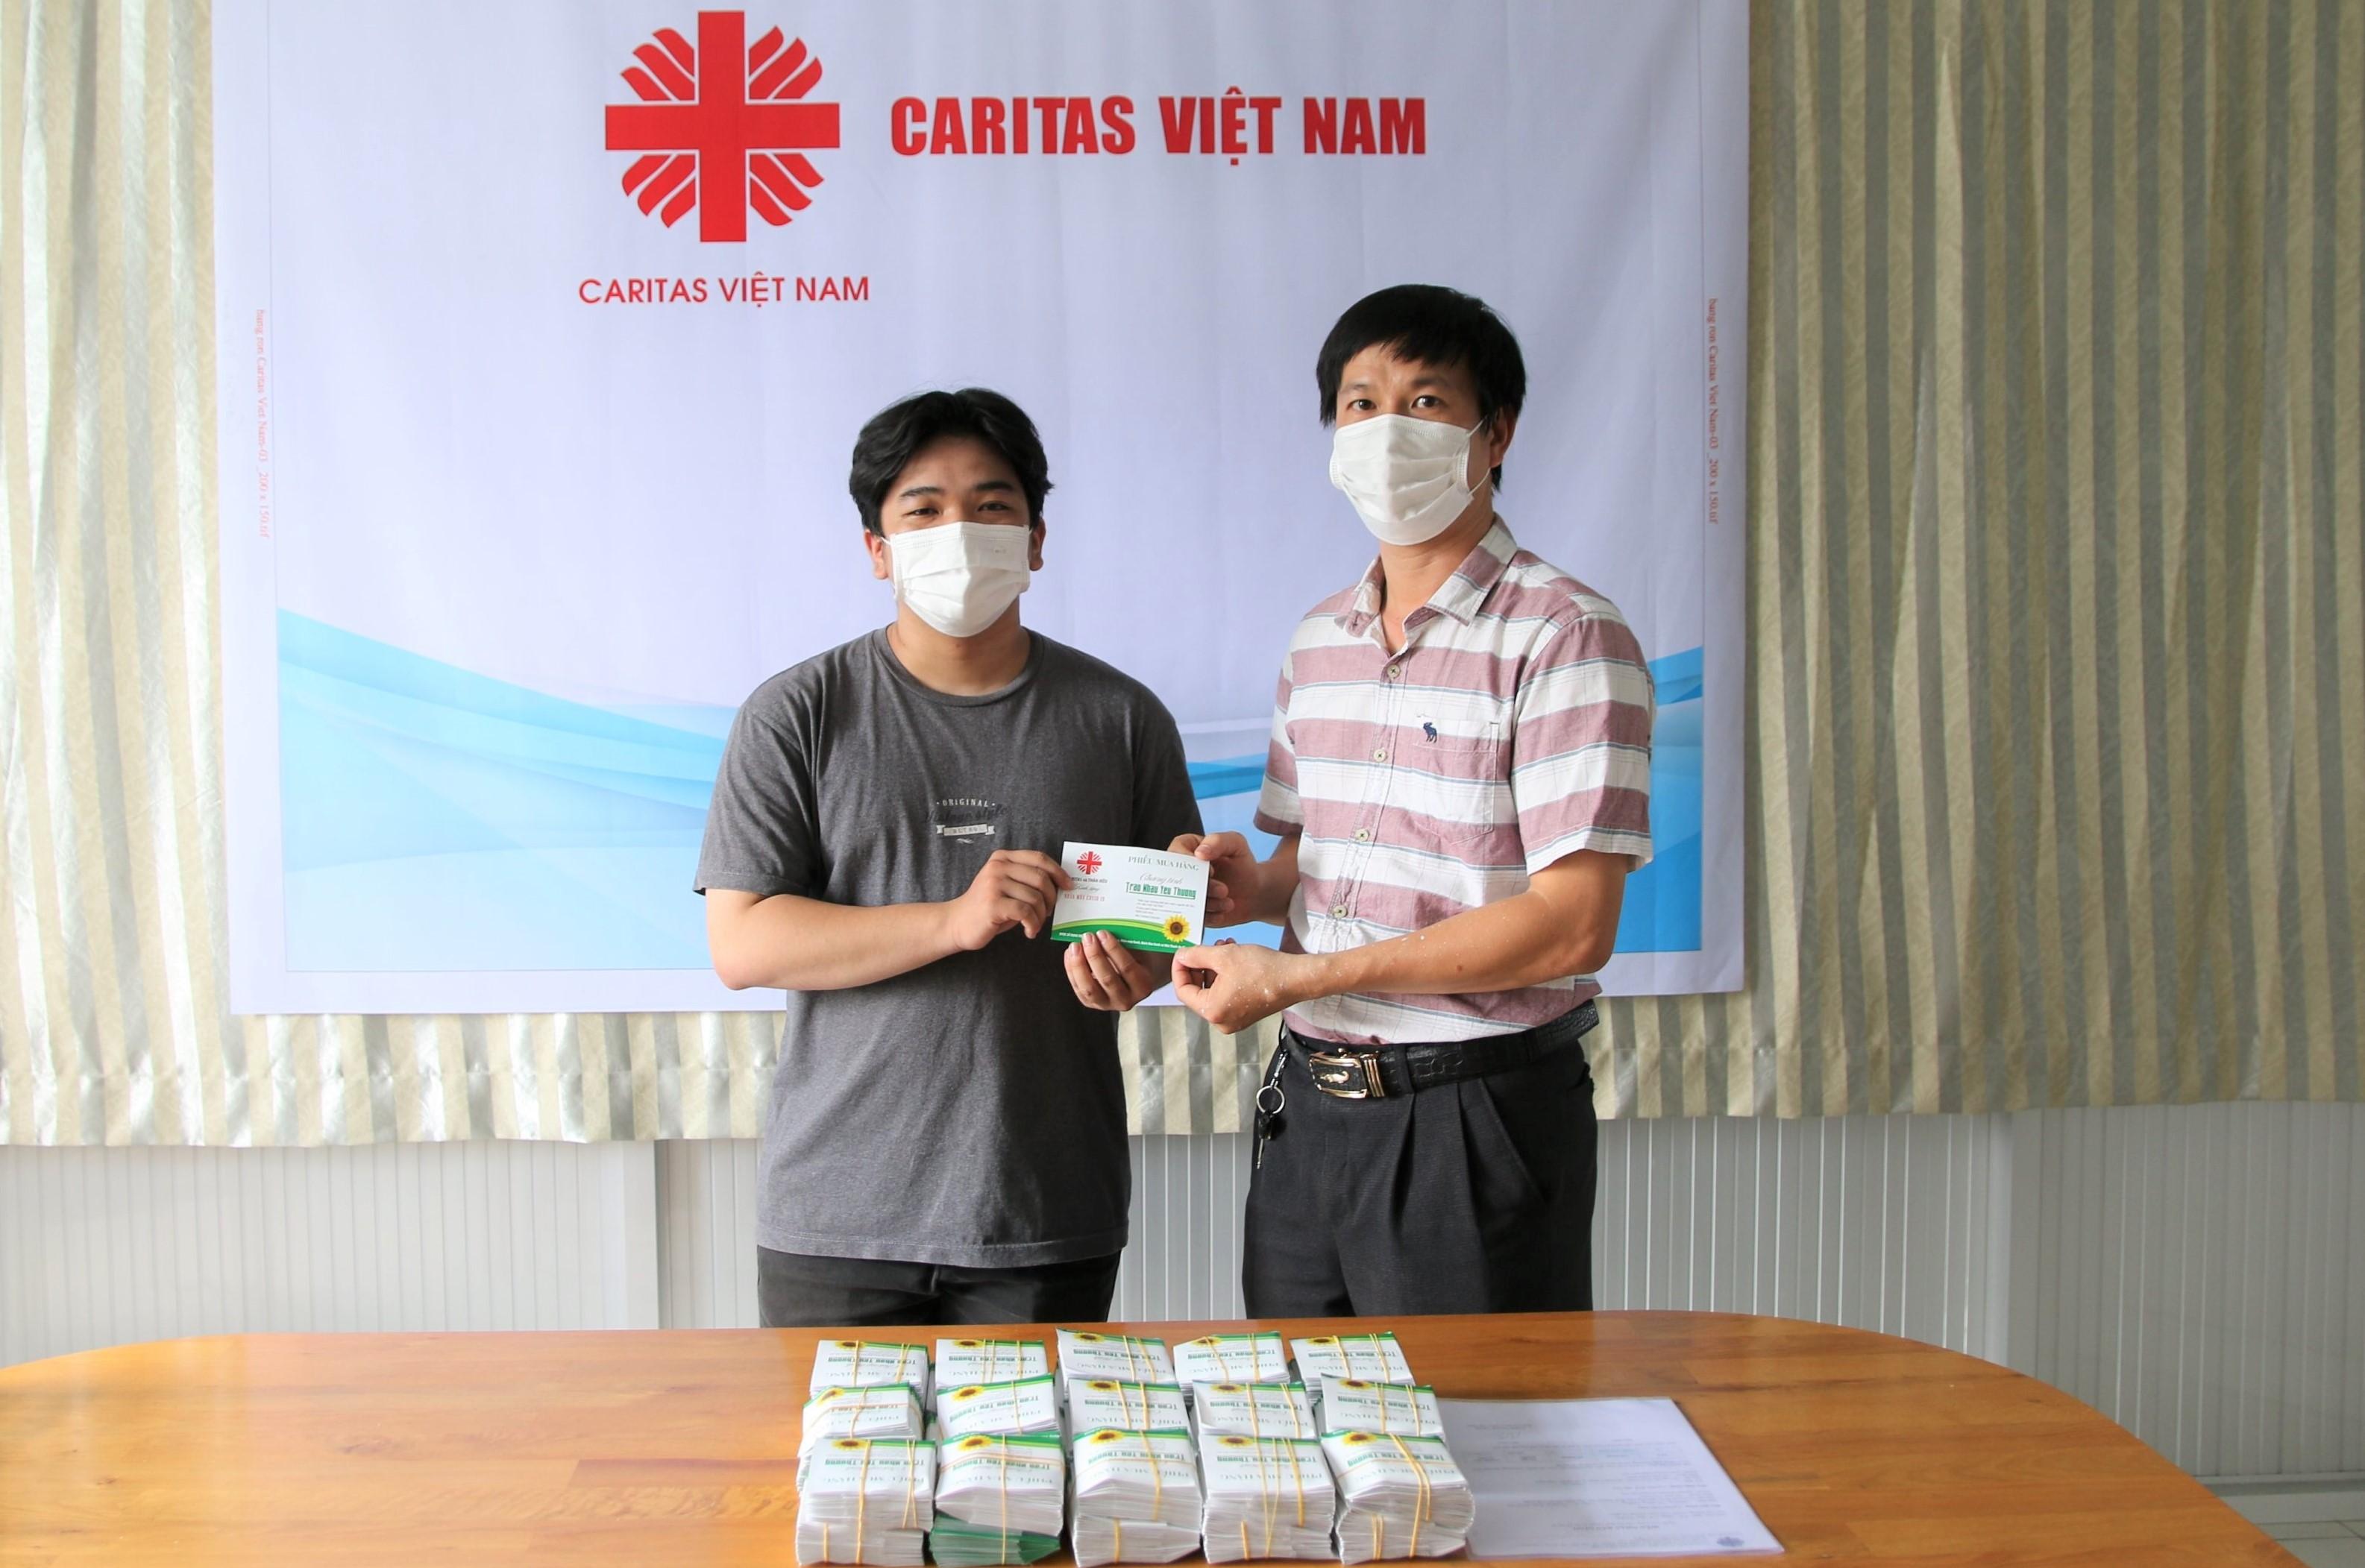 Caritas Việt Nam: Thông báo chương trình Trao Nhau Yêu Thương hỗ trợ người nghèo tại TP. HCM trong mùa COVID-19